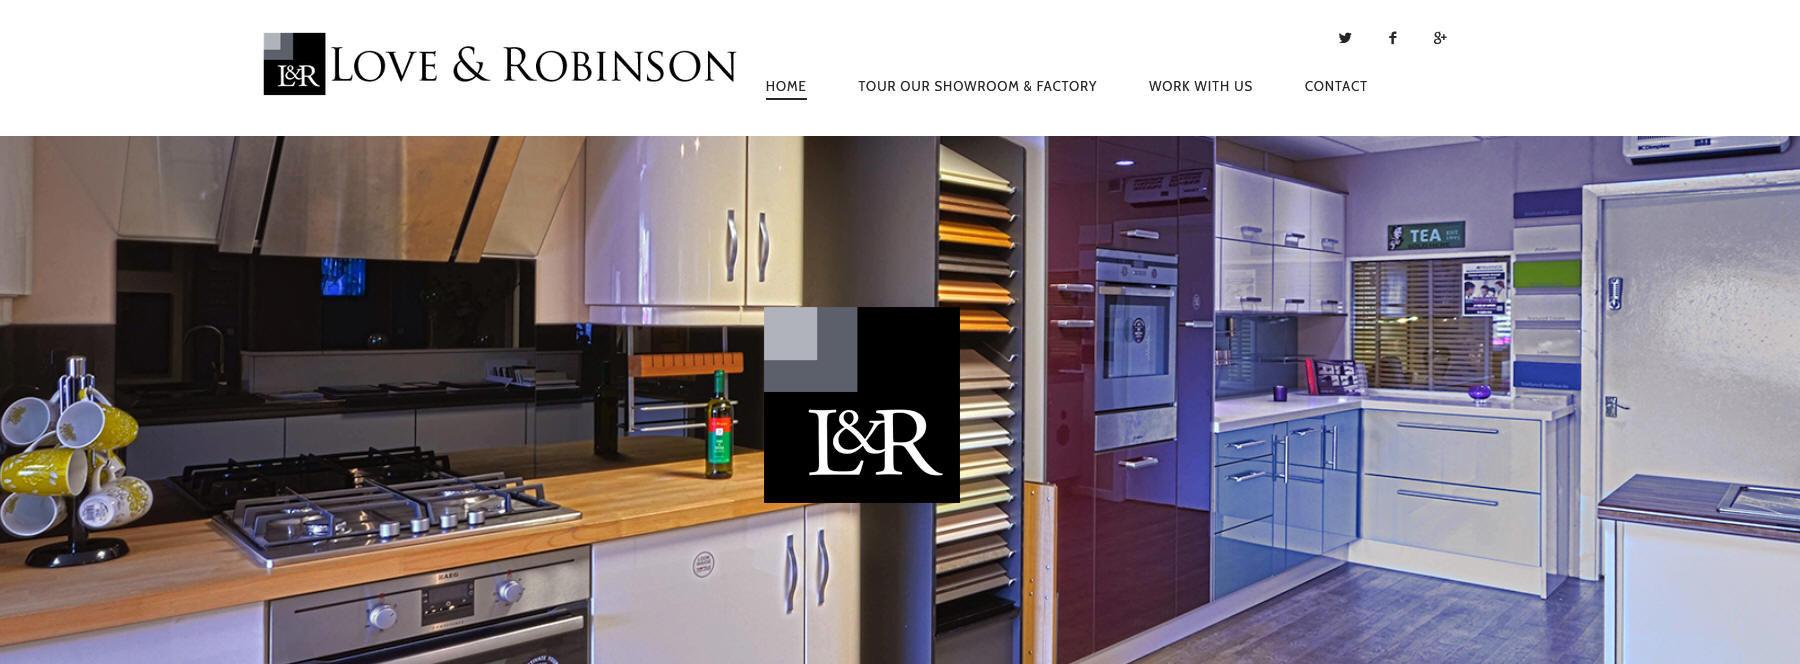 Love Robinson.jpg